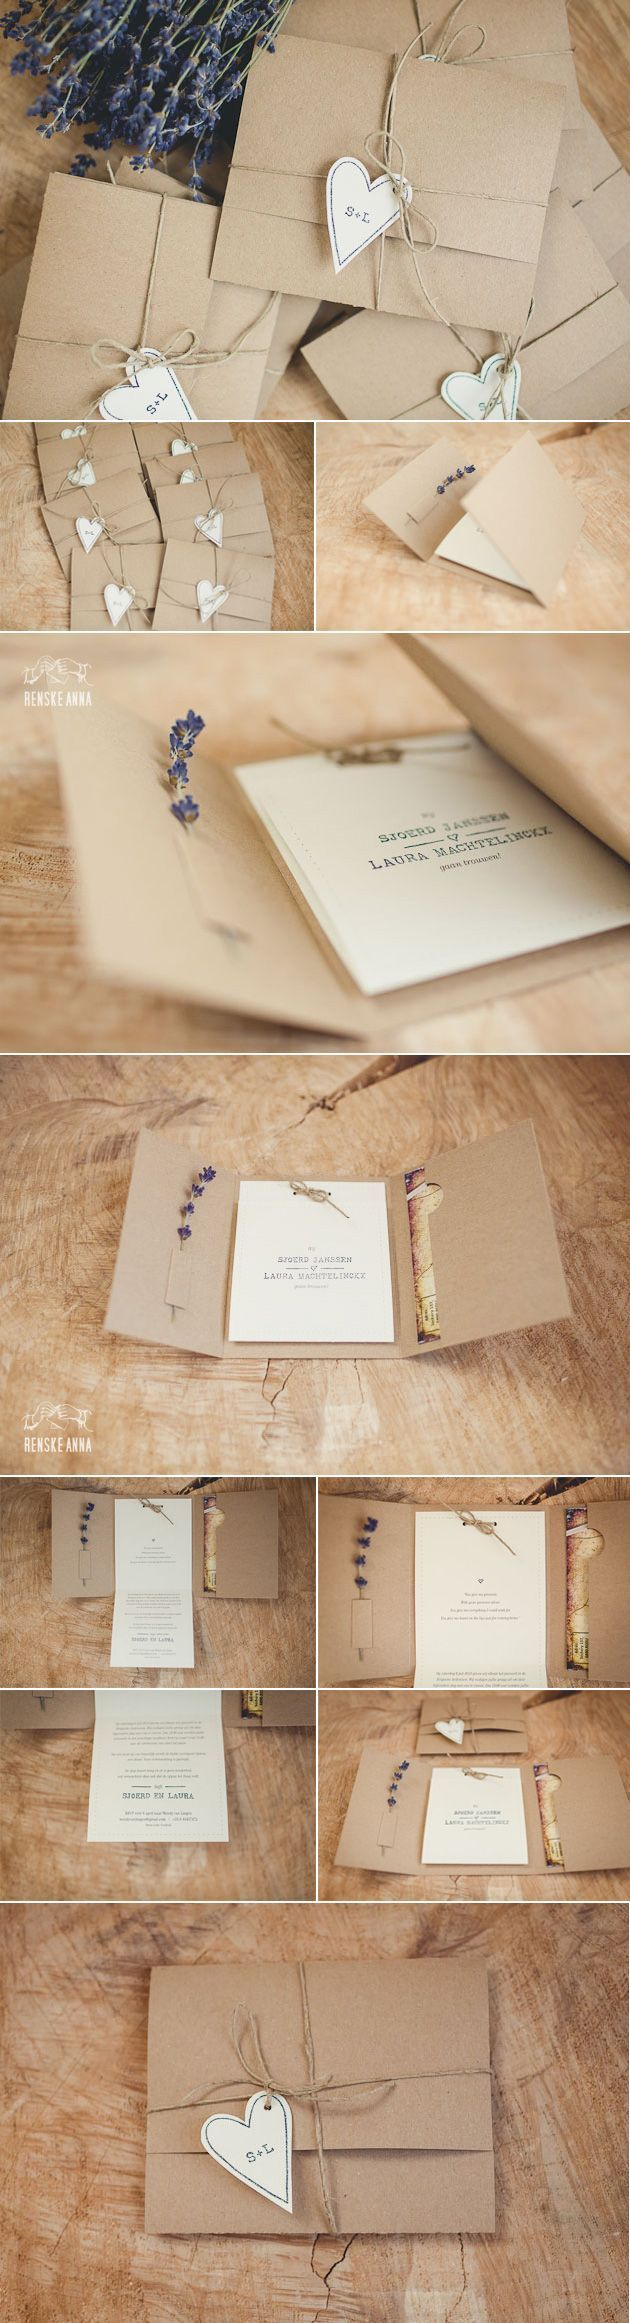 Invitaciones de boda rústicas al alcance de tu bolsillo que puedes hacer tu misma - DIY - bloglovin.com